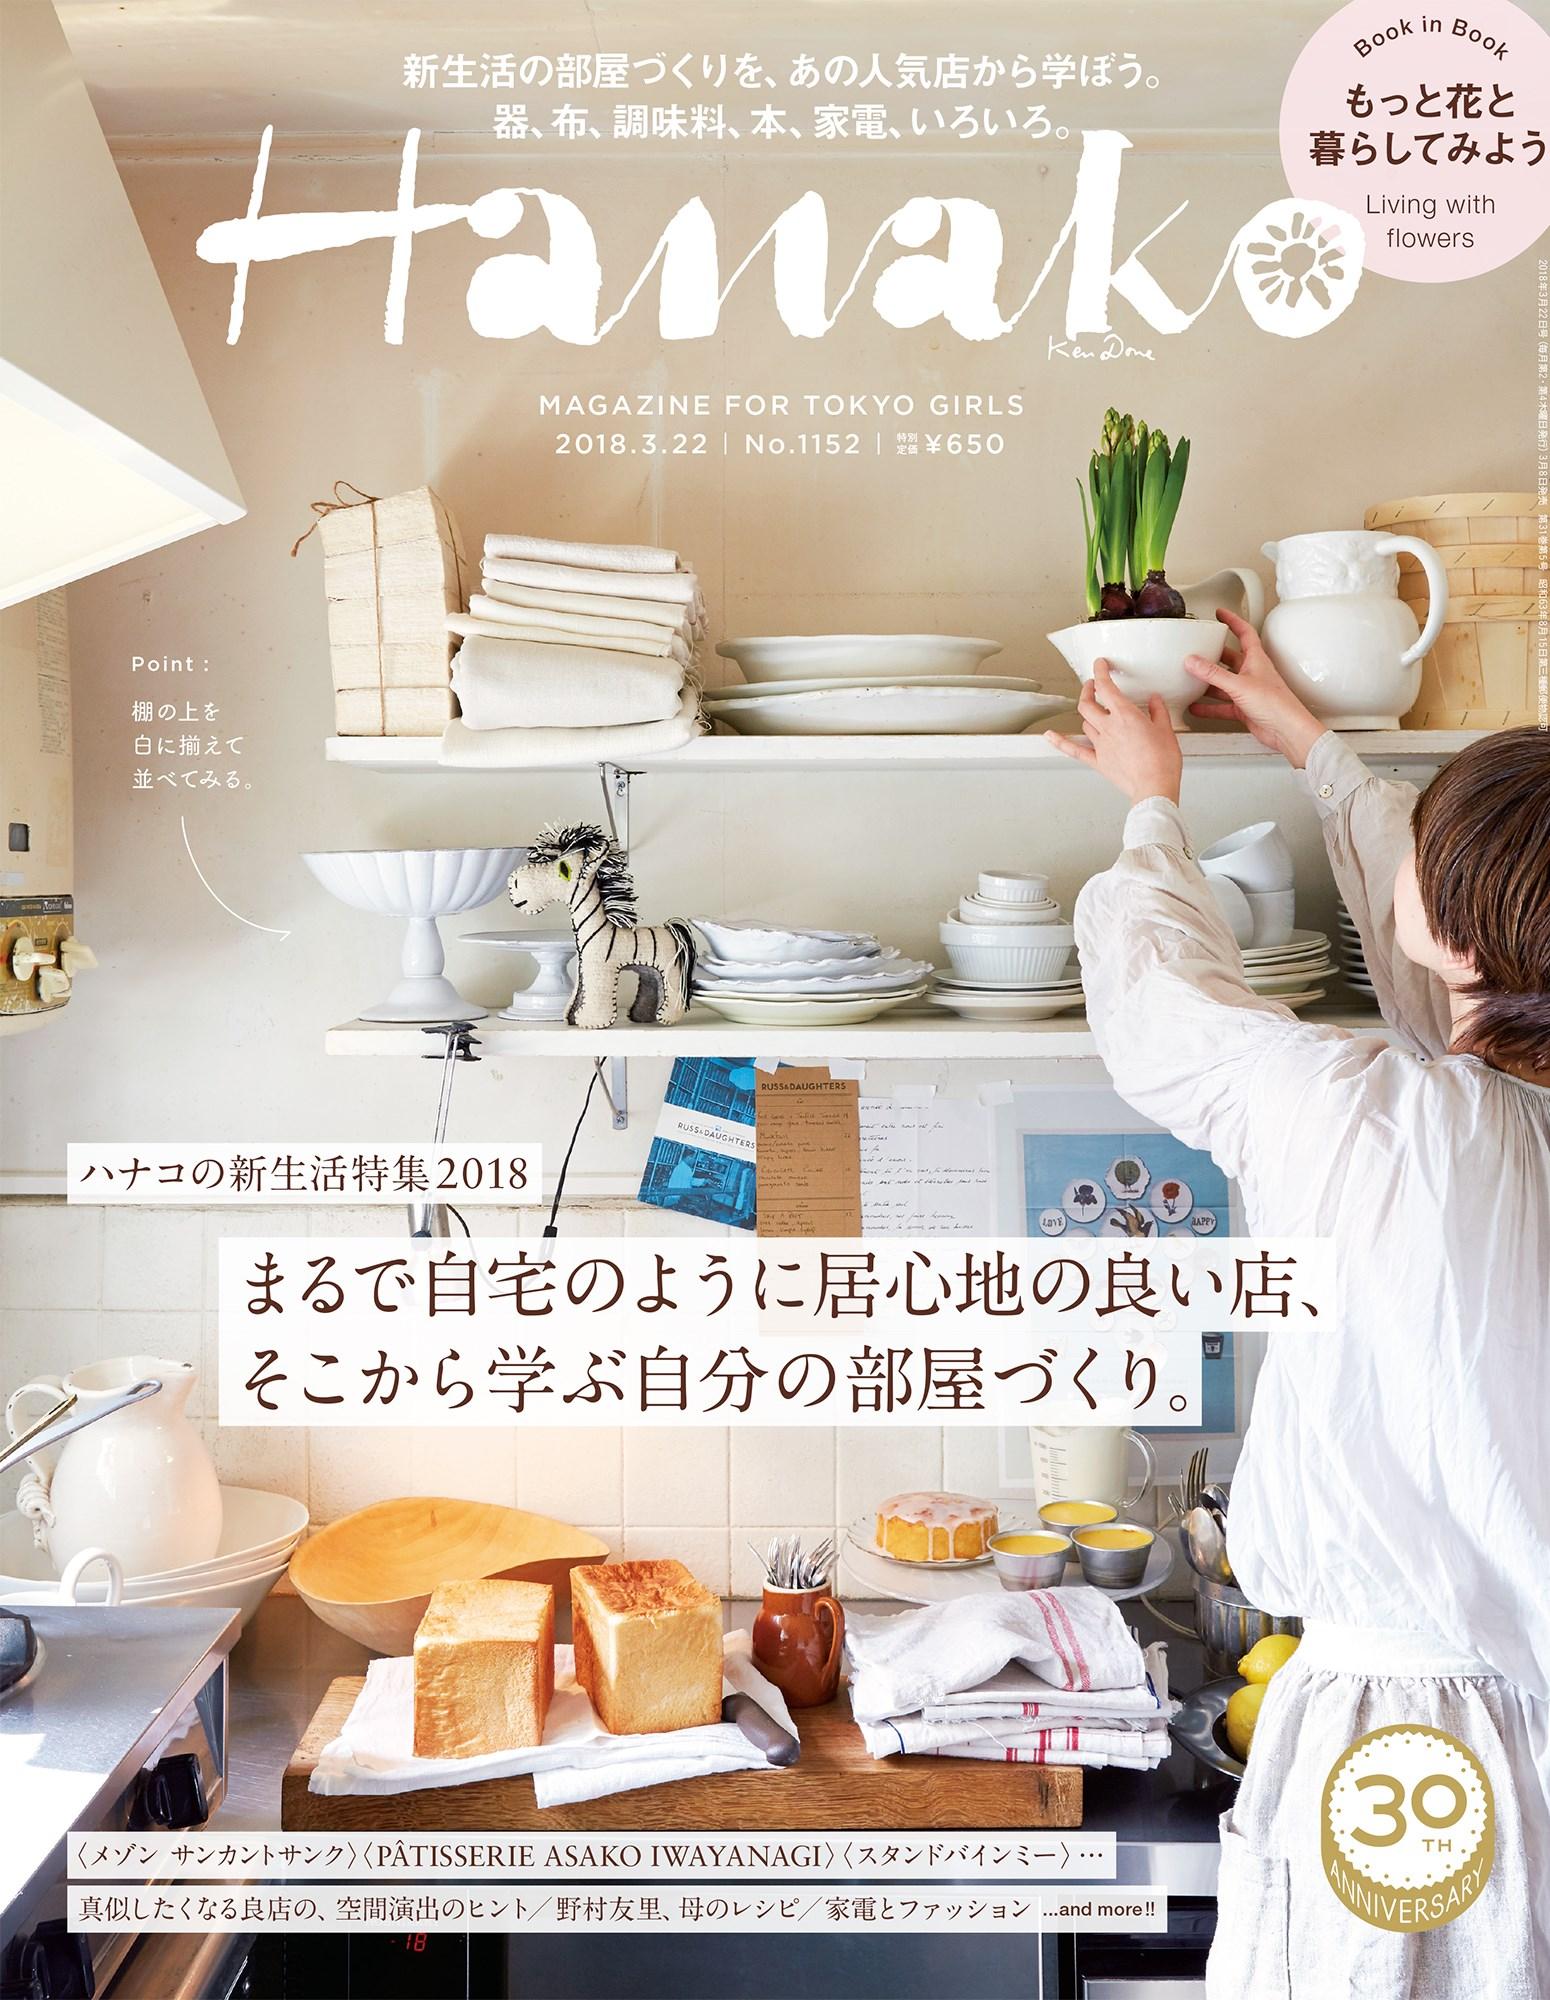 Hanako No.1152